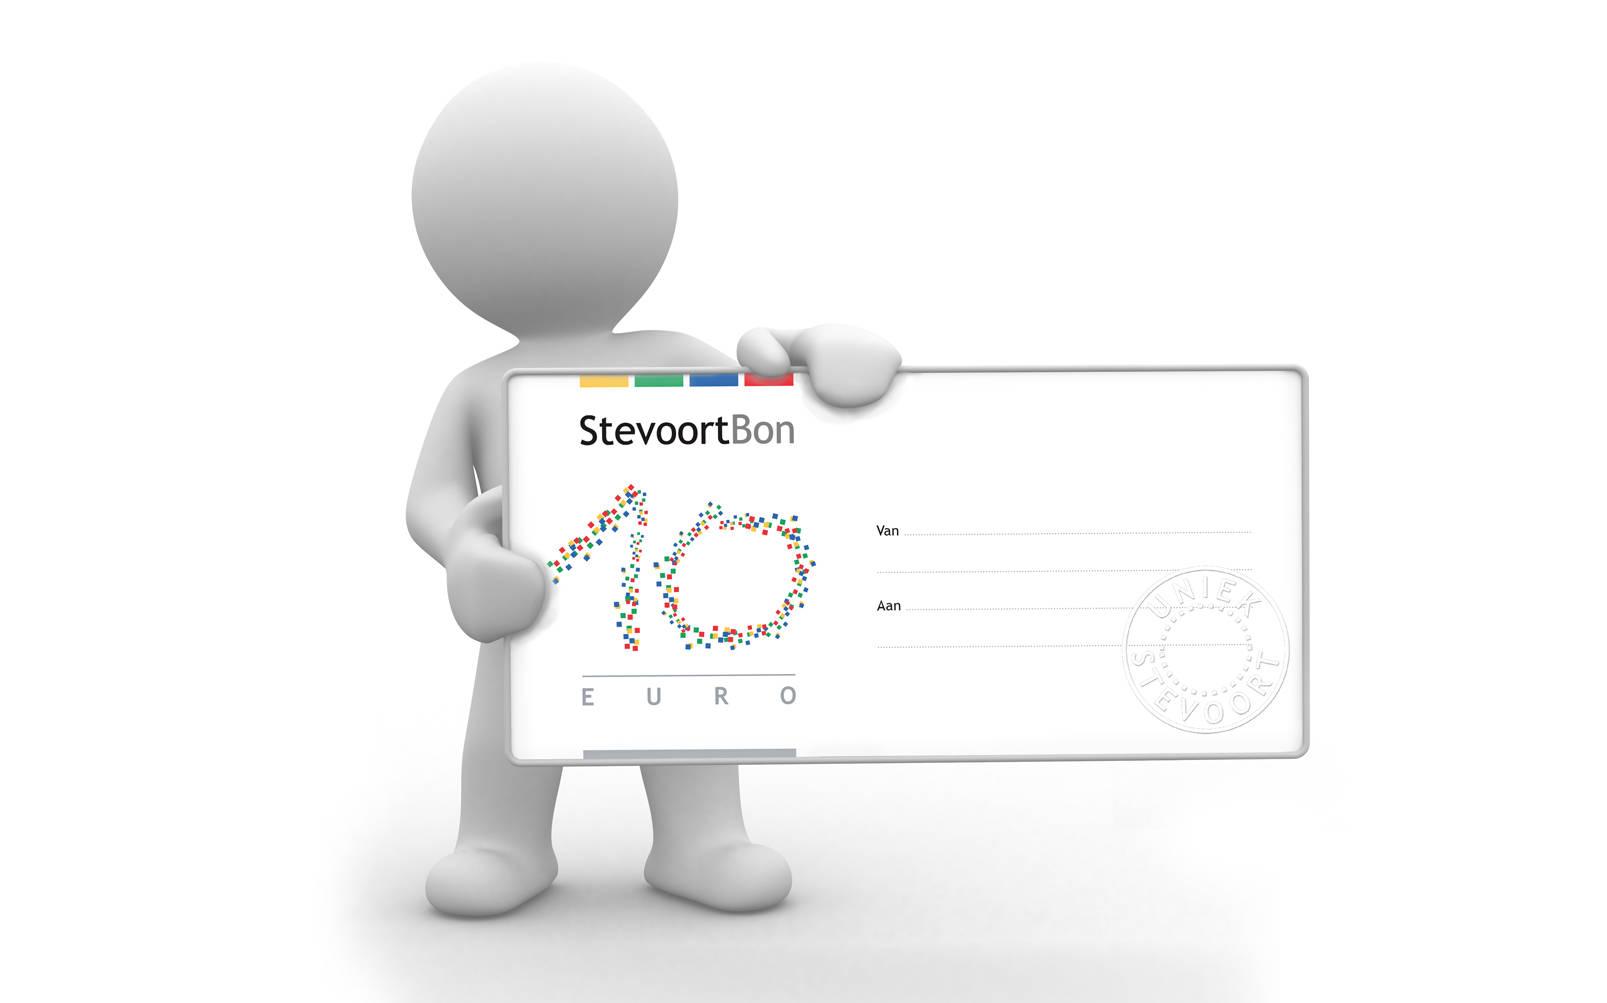 StevoortBon